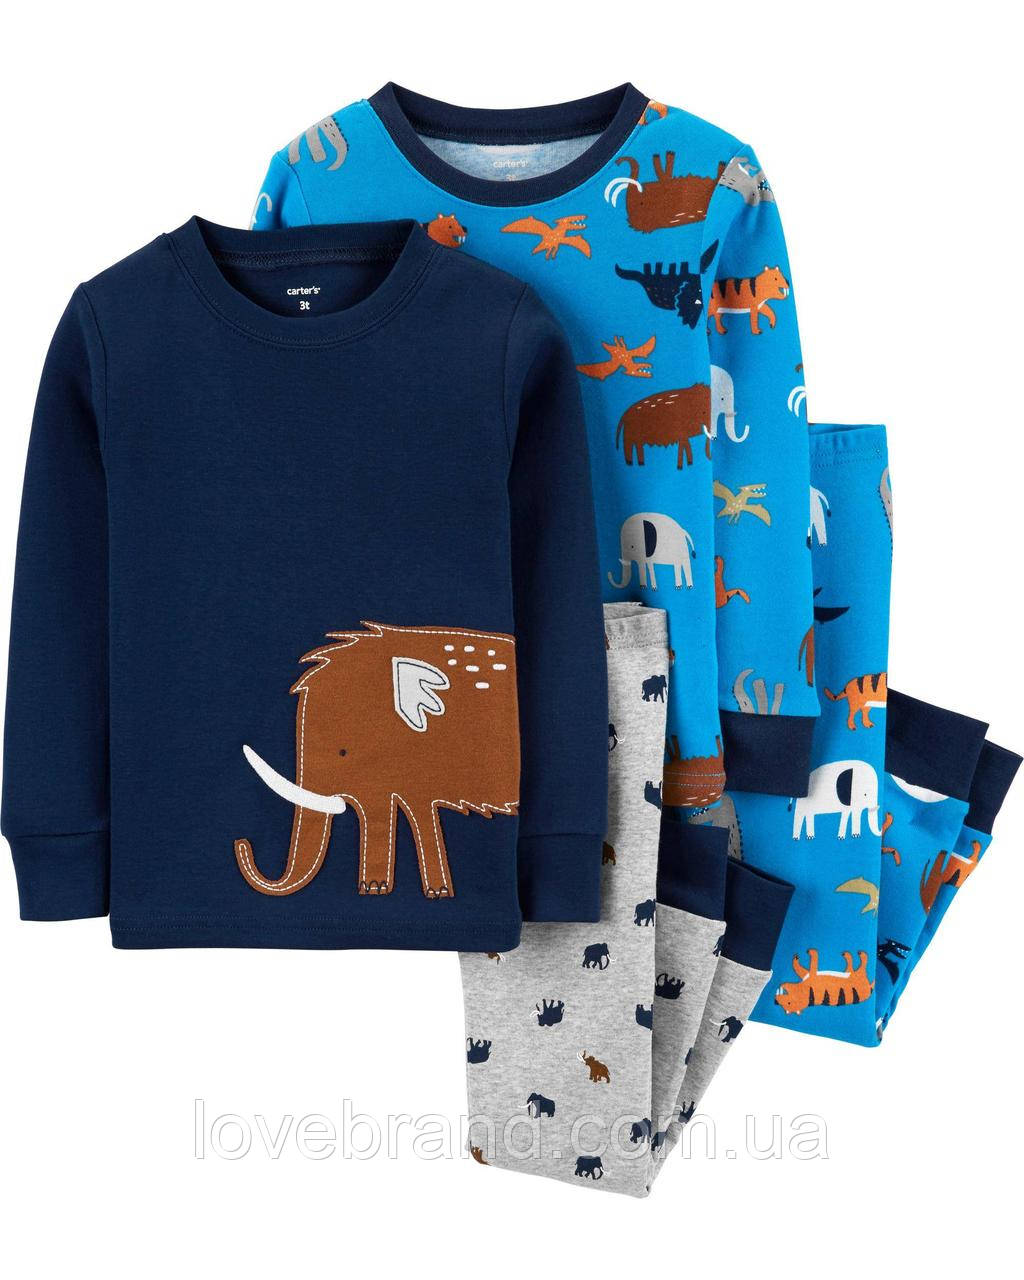 """Пижамы для мальчика Carter's """"Мамонт"""", детская пижама картерс"""